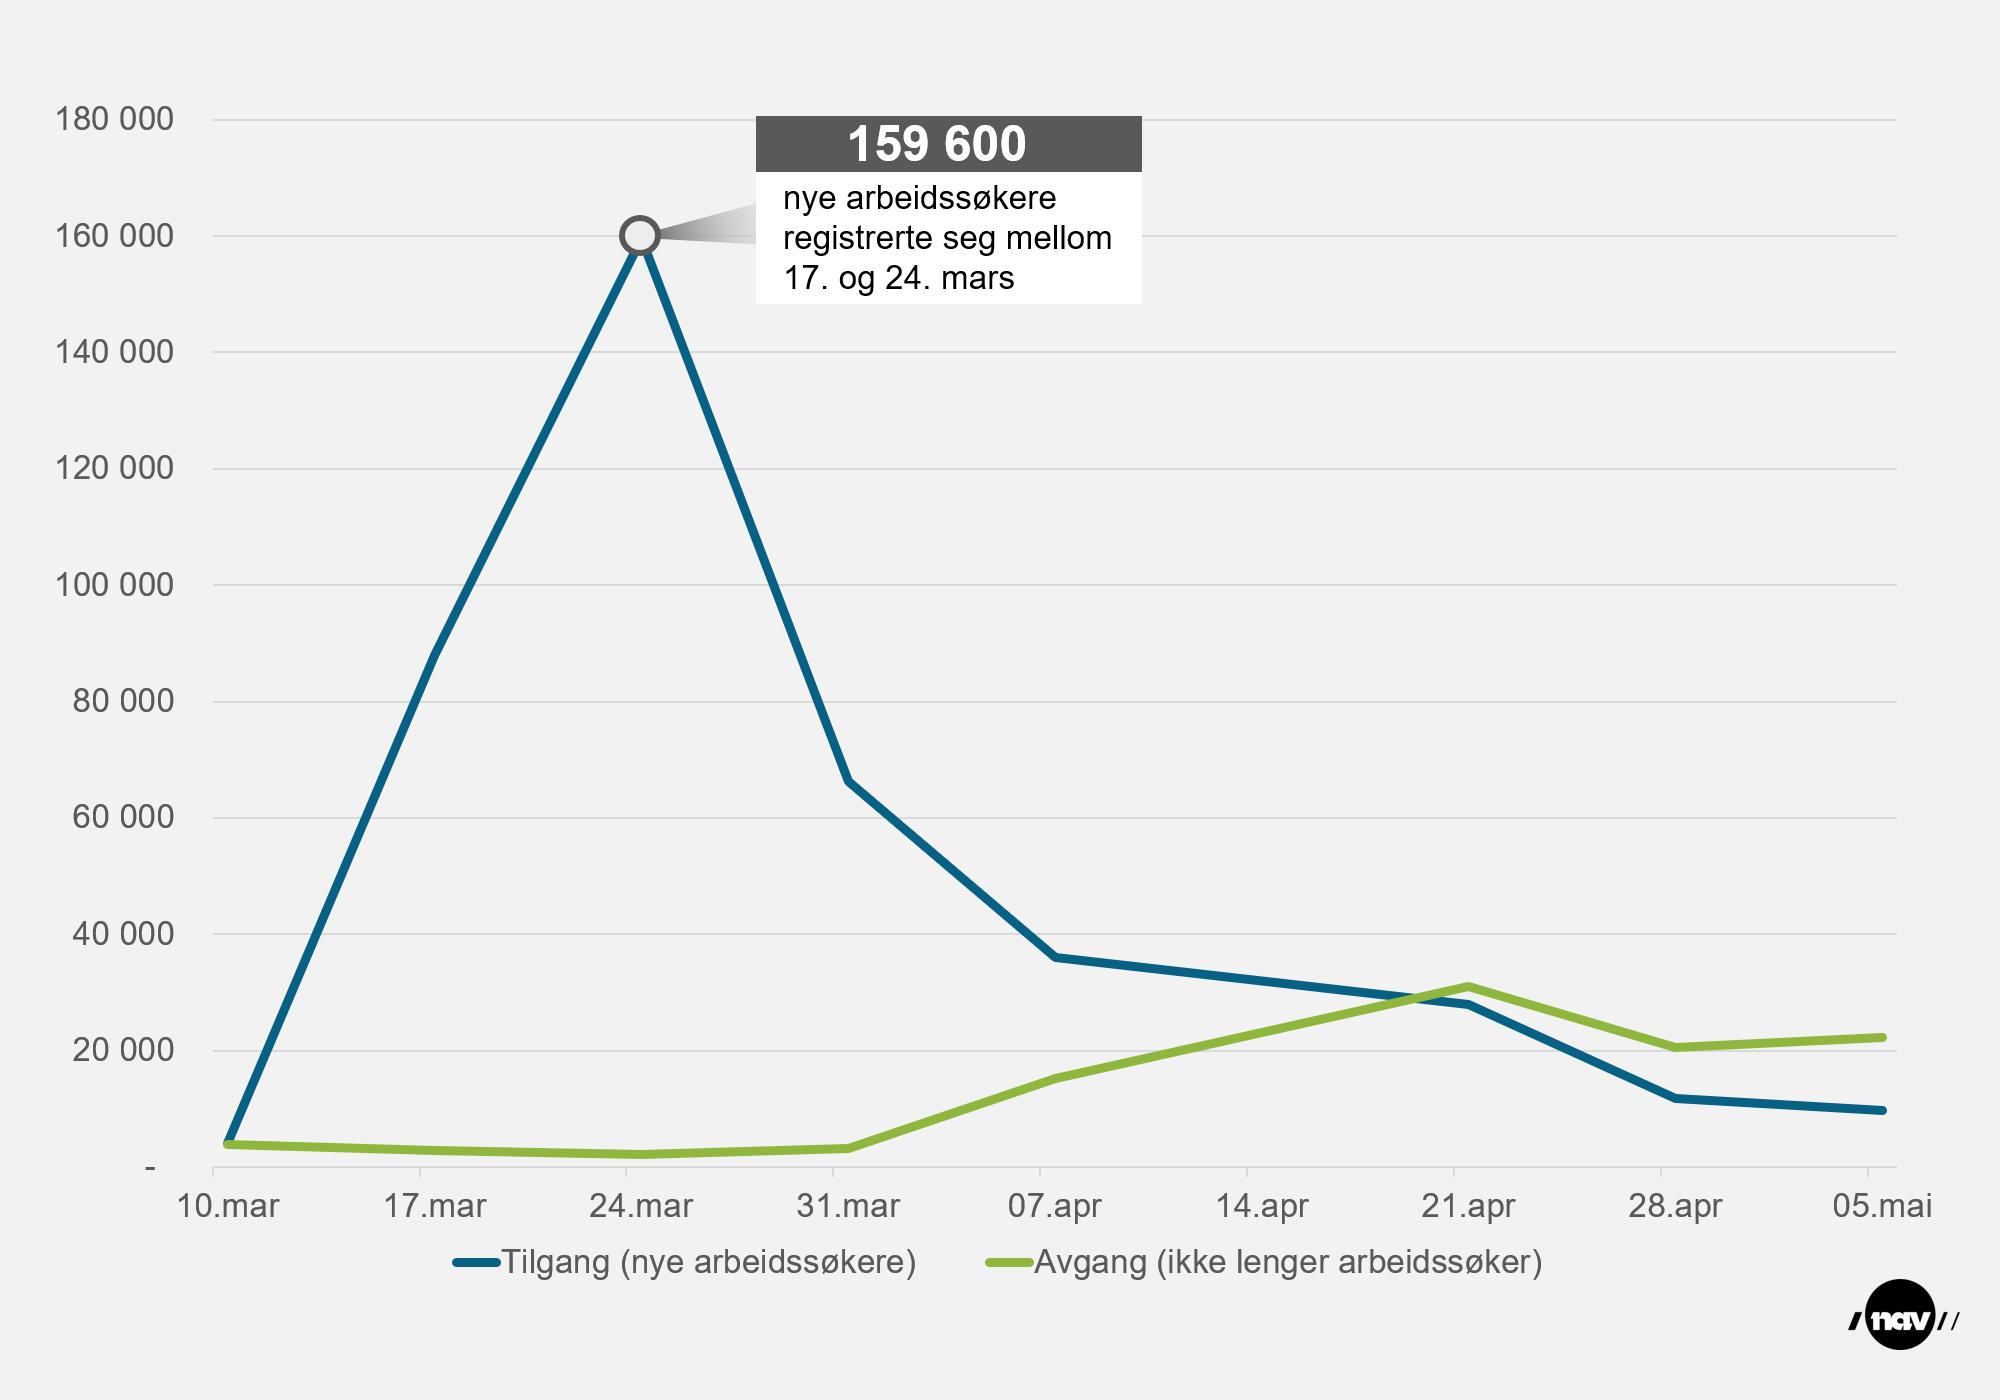 Infografikk som viser utviklingen i tilgang og avgang av arbeidssøkere. 159 600 nye arbeidssøkere mellom 17. og 24. mars 2020.